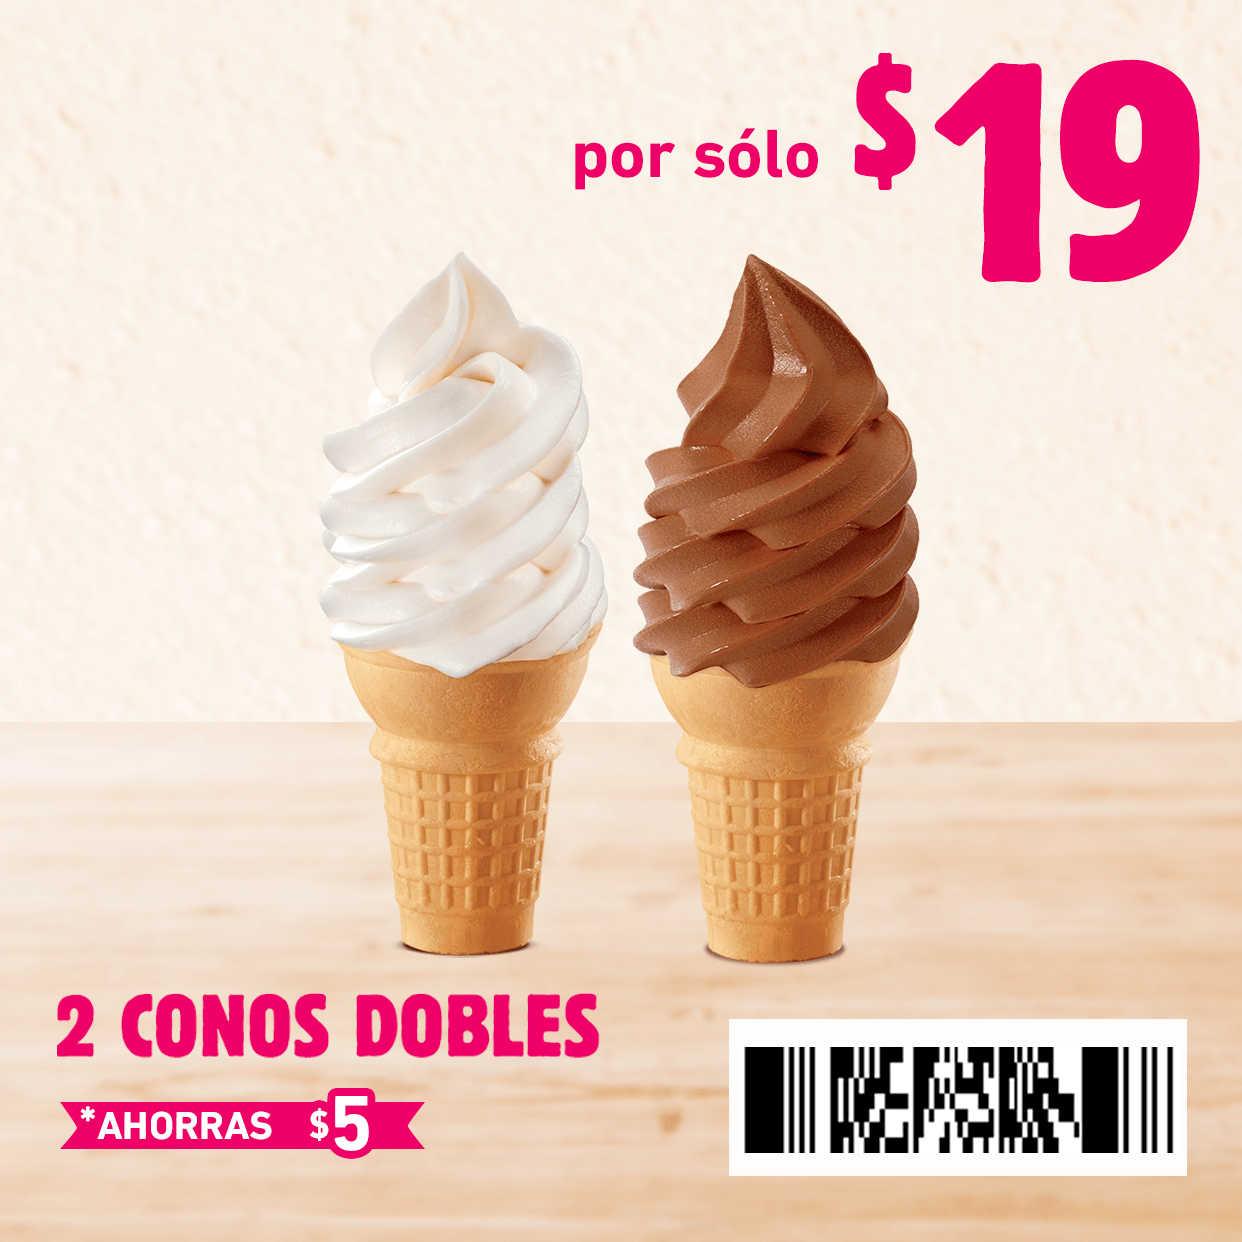 Cupones Burger King: 2×1 en Cono sencillo y Combo Whopper Jr + Sundae Jr. $45